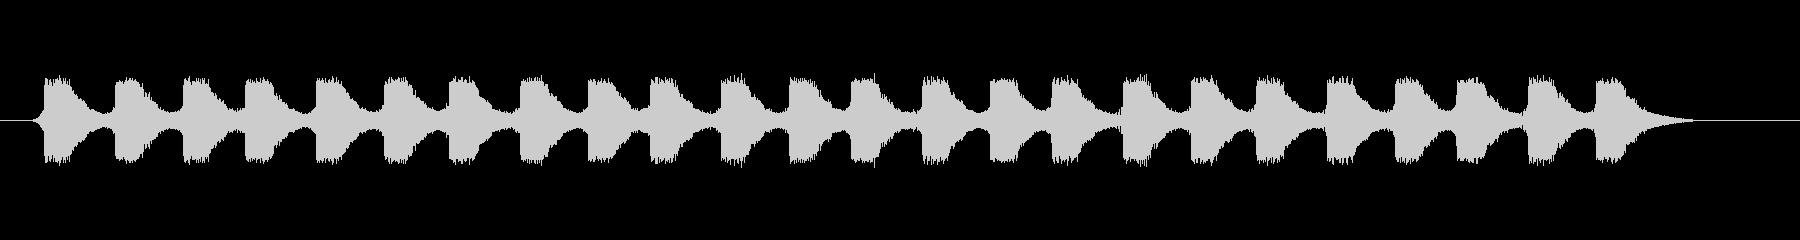 ファミコン風 台詞.メッセージ音 01の未再生の波形